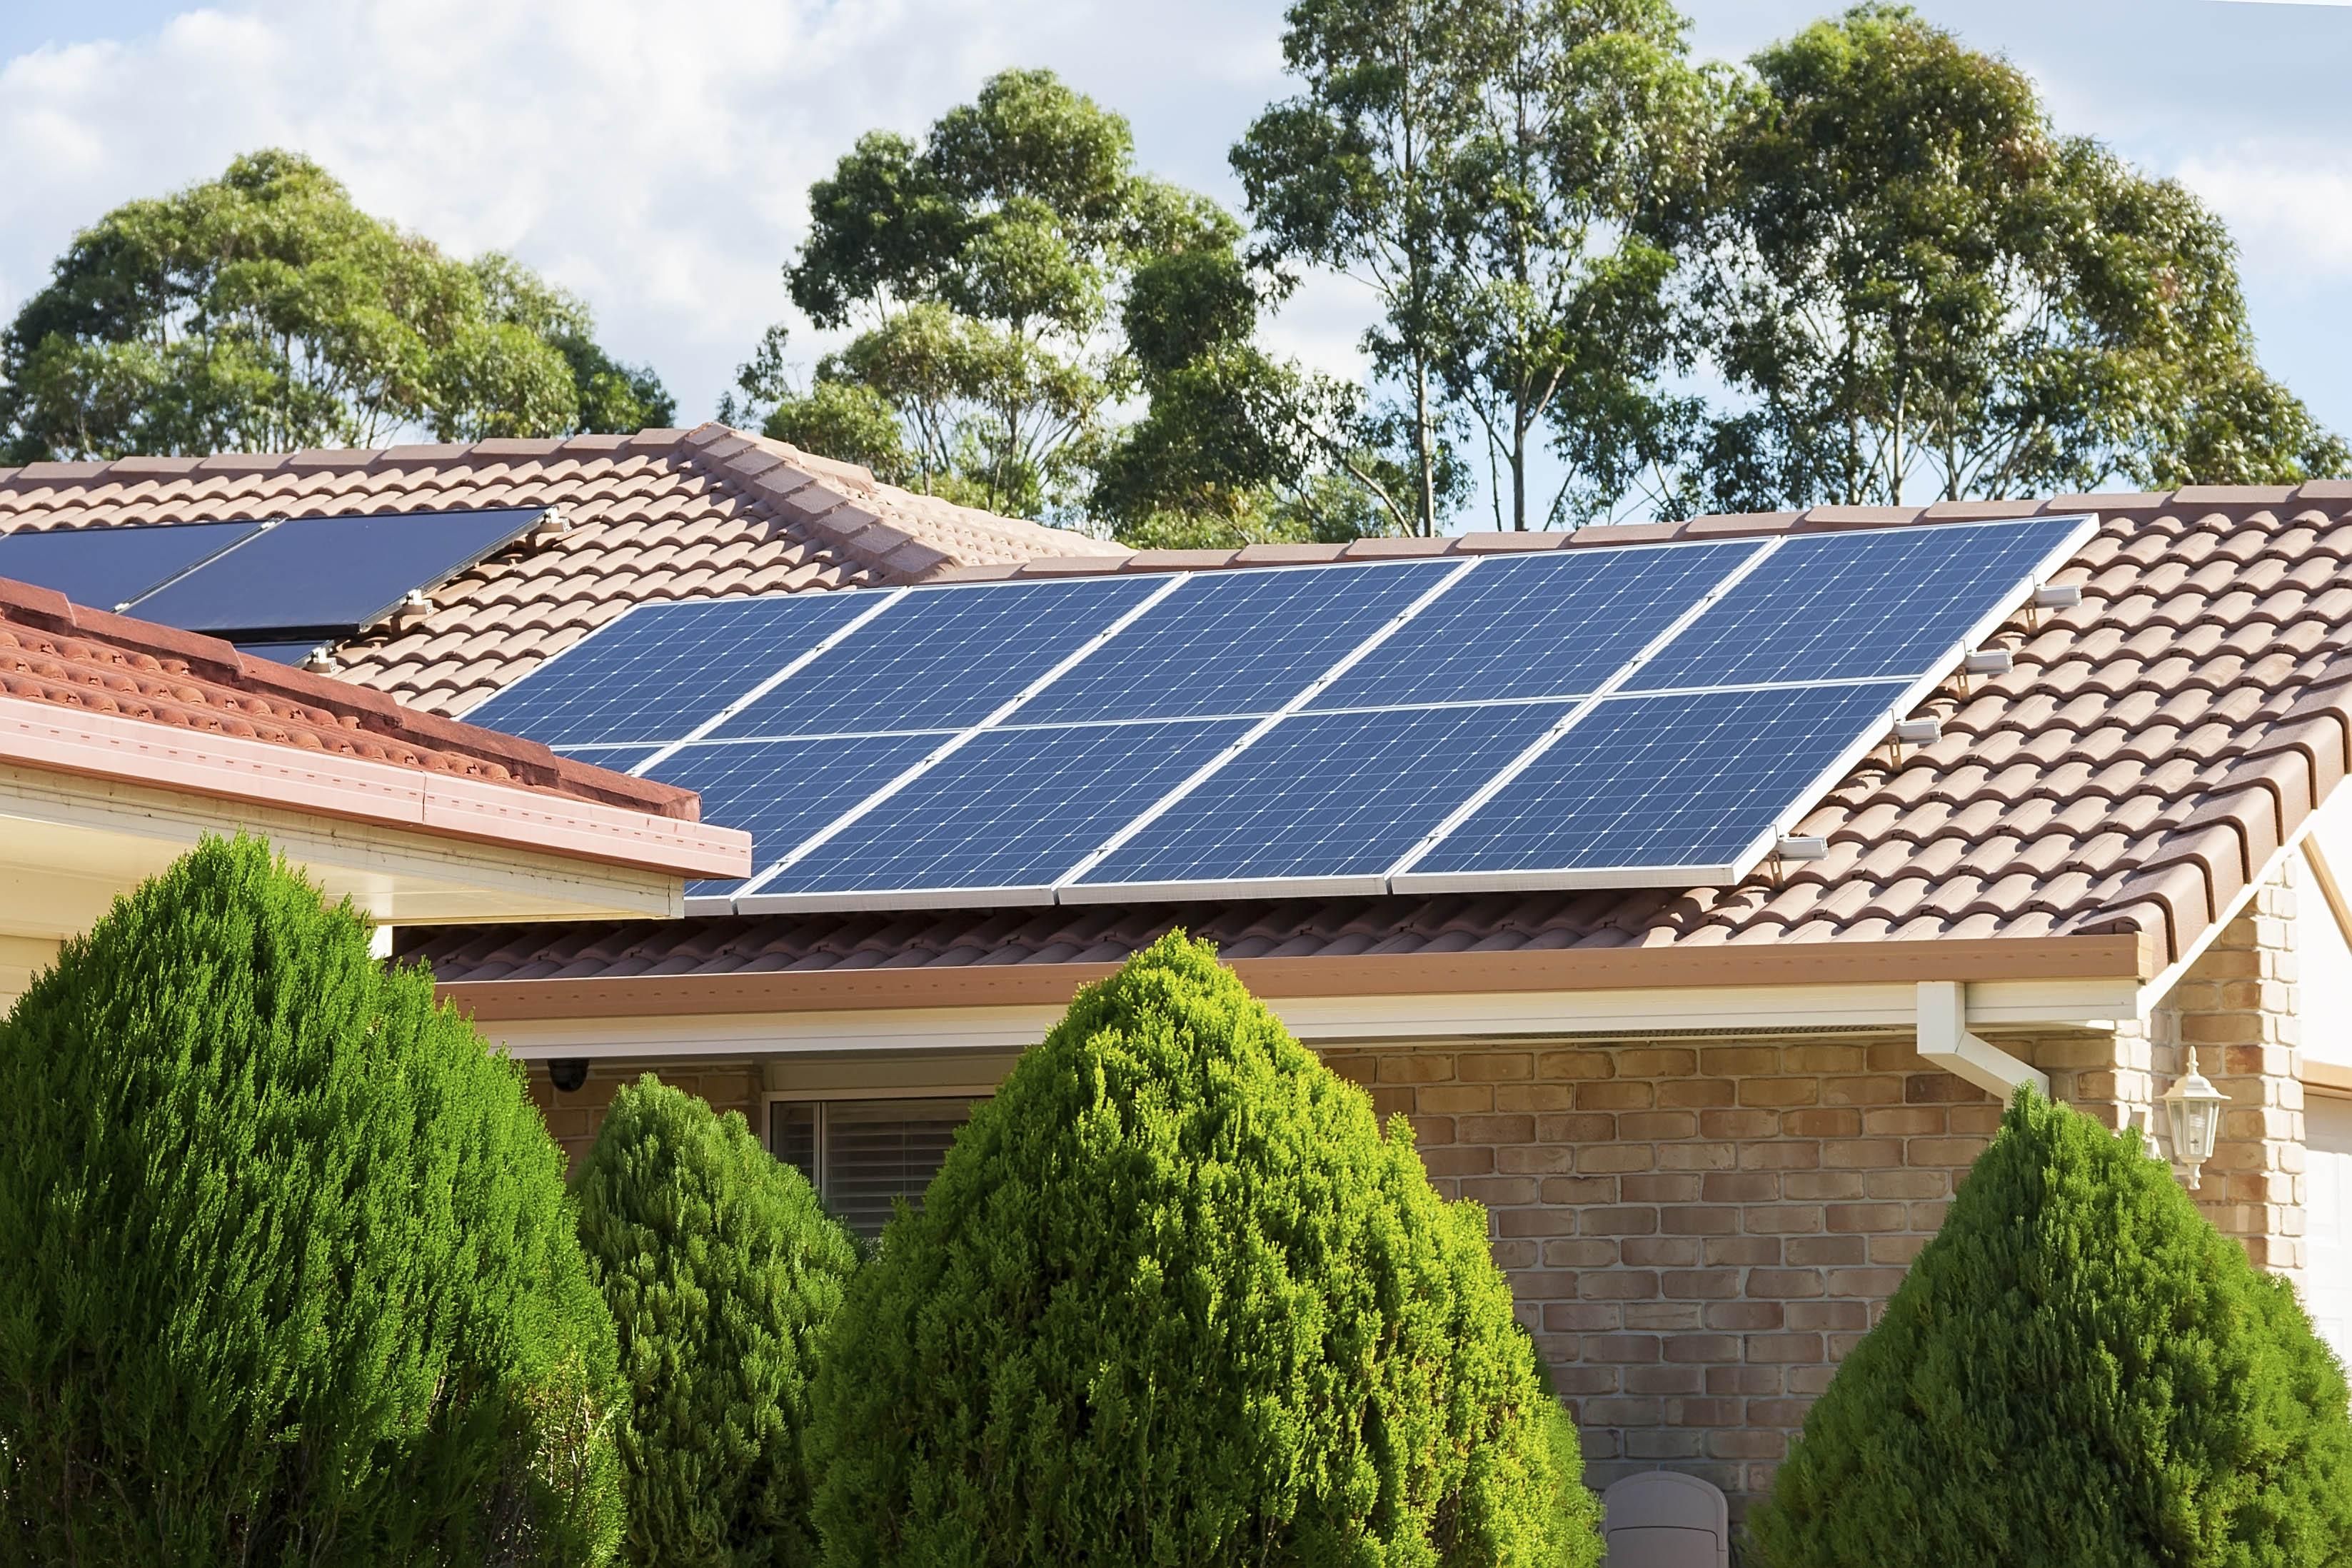 Home solar energy systems clean energy ideas - Home solar power system design ...